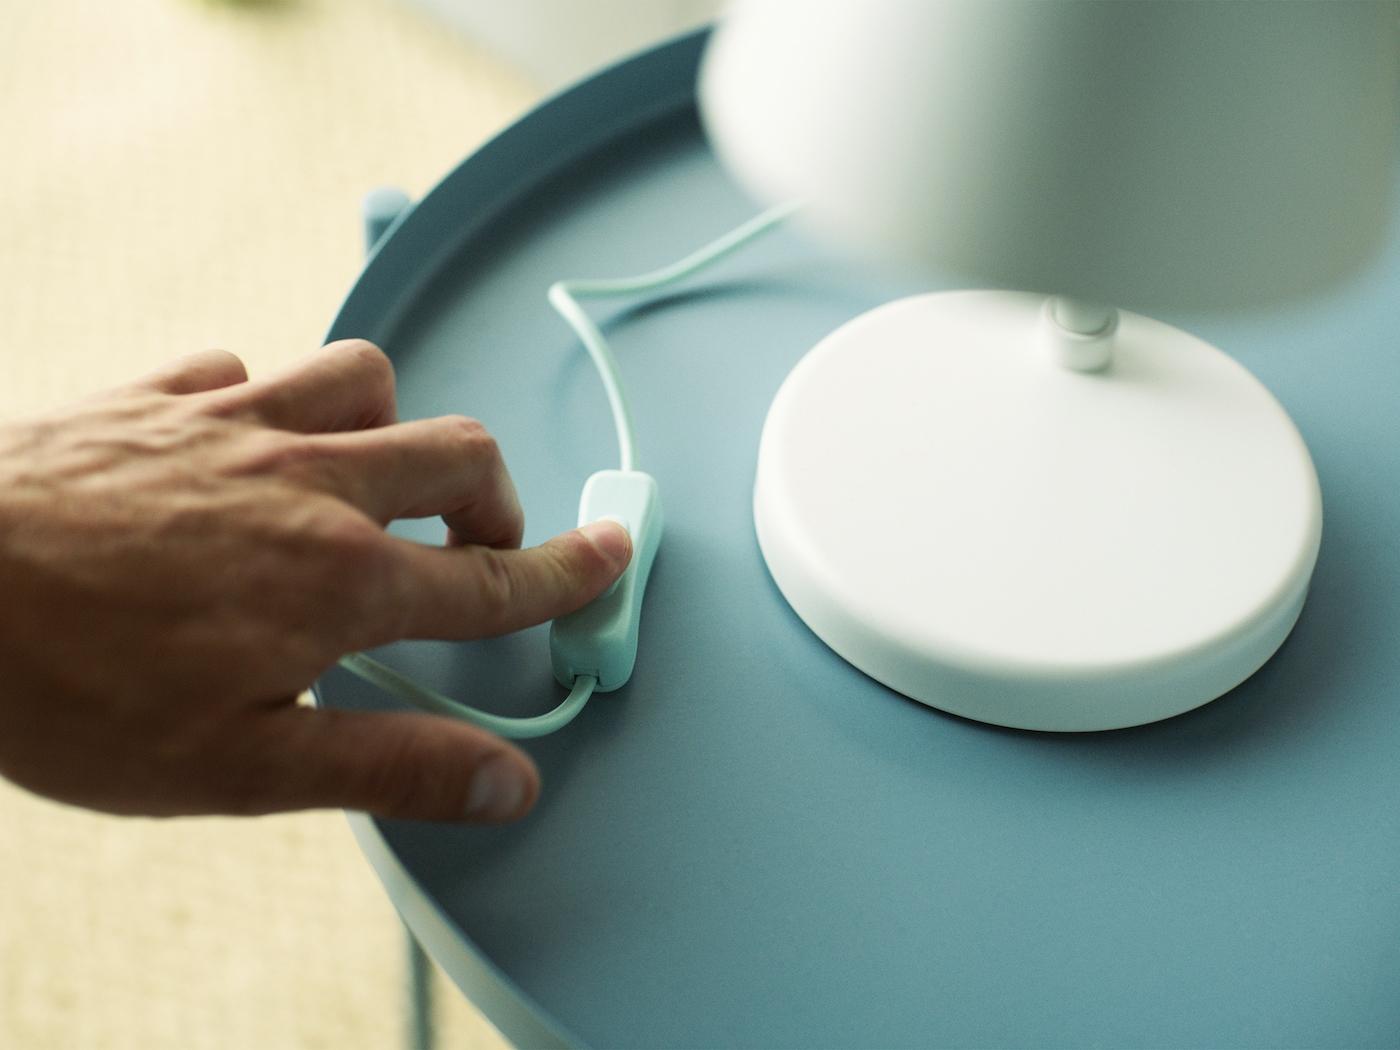 Roka, ki pritiska na stikalo bele namizne svetilke, ki stoji na svetlo modri mizi.